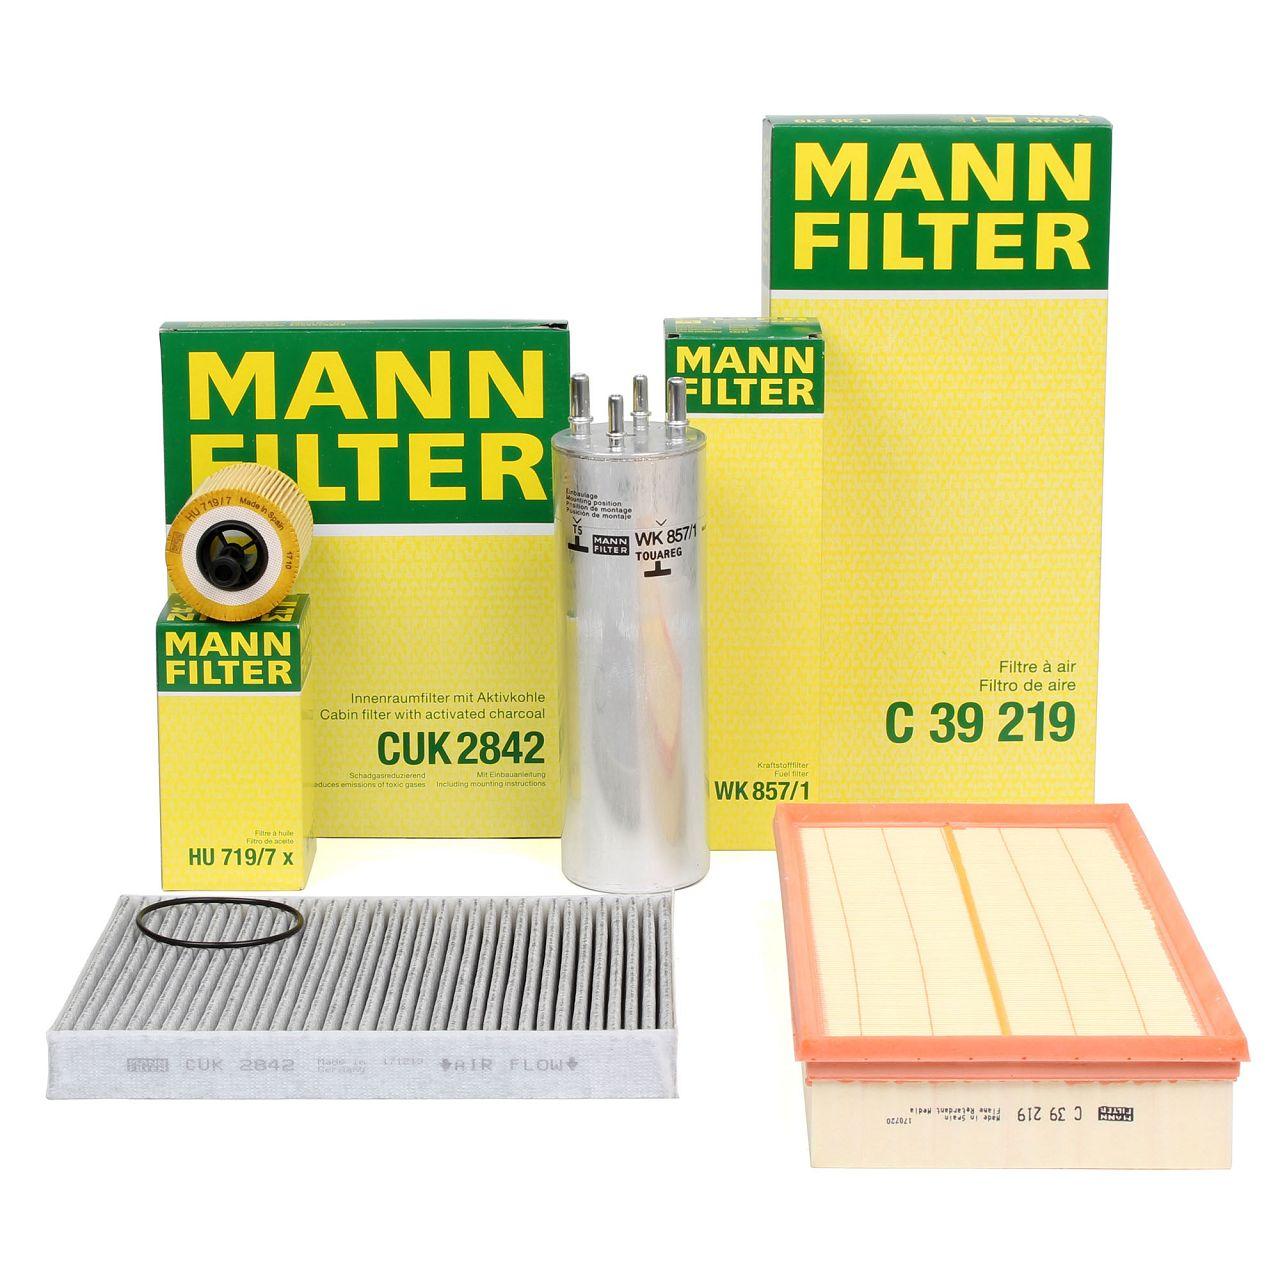 MANN Inspektionskit Filterpaket Filterset für VW TOUAREG 7L 2.5 R5 TDI 163/174PS